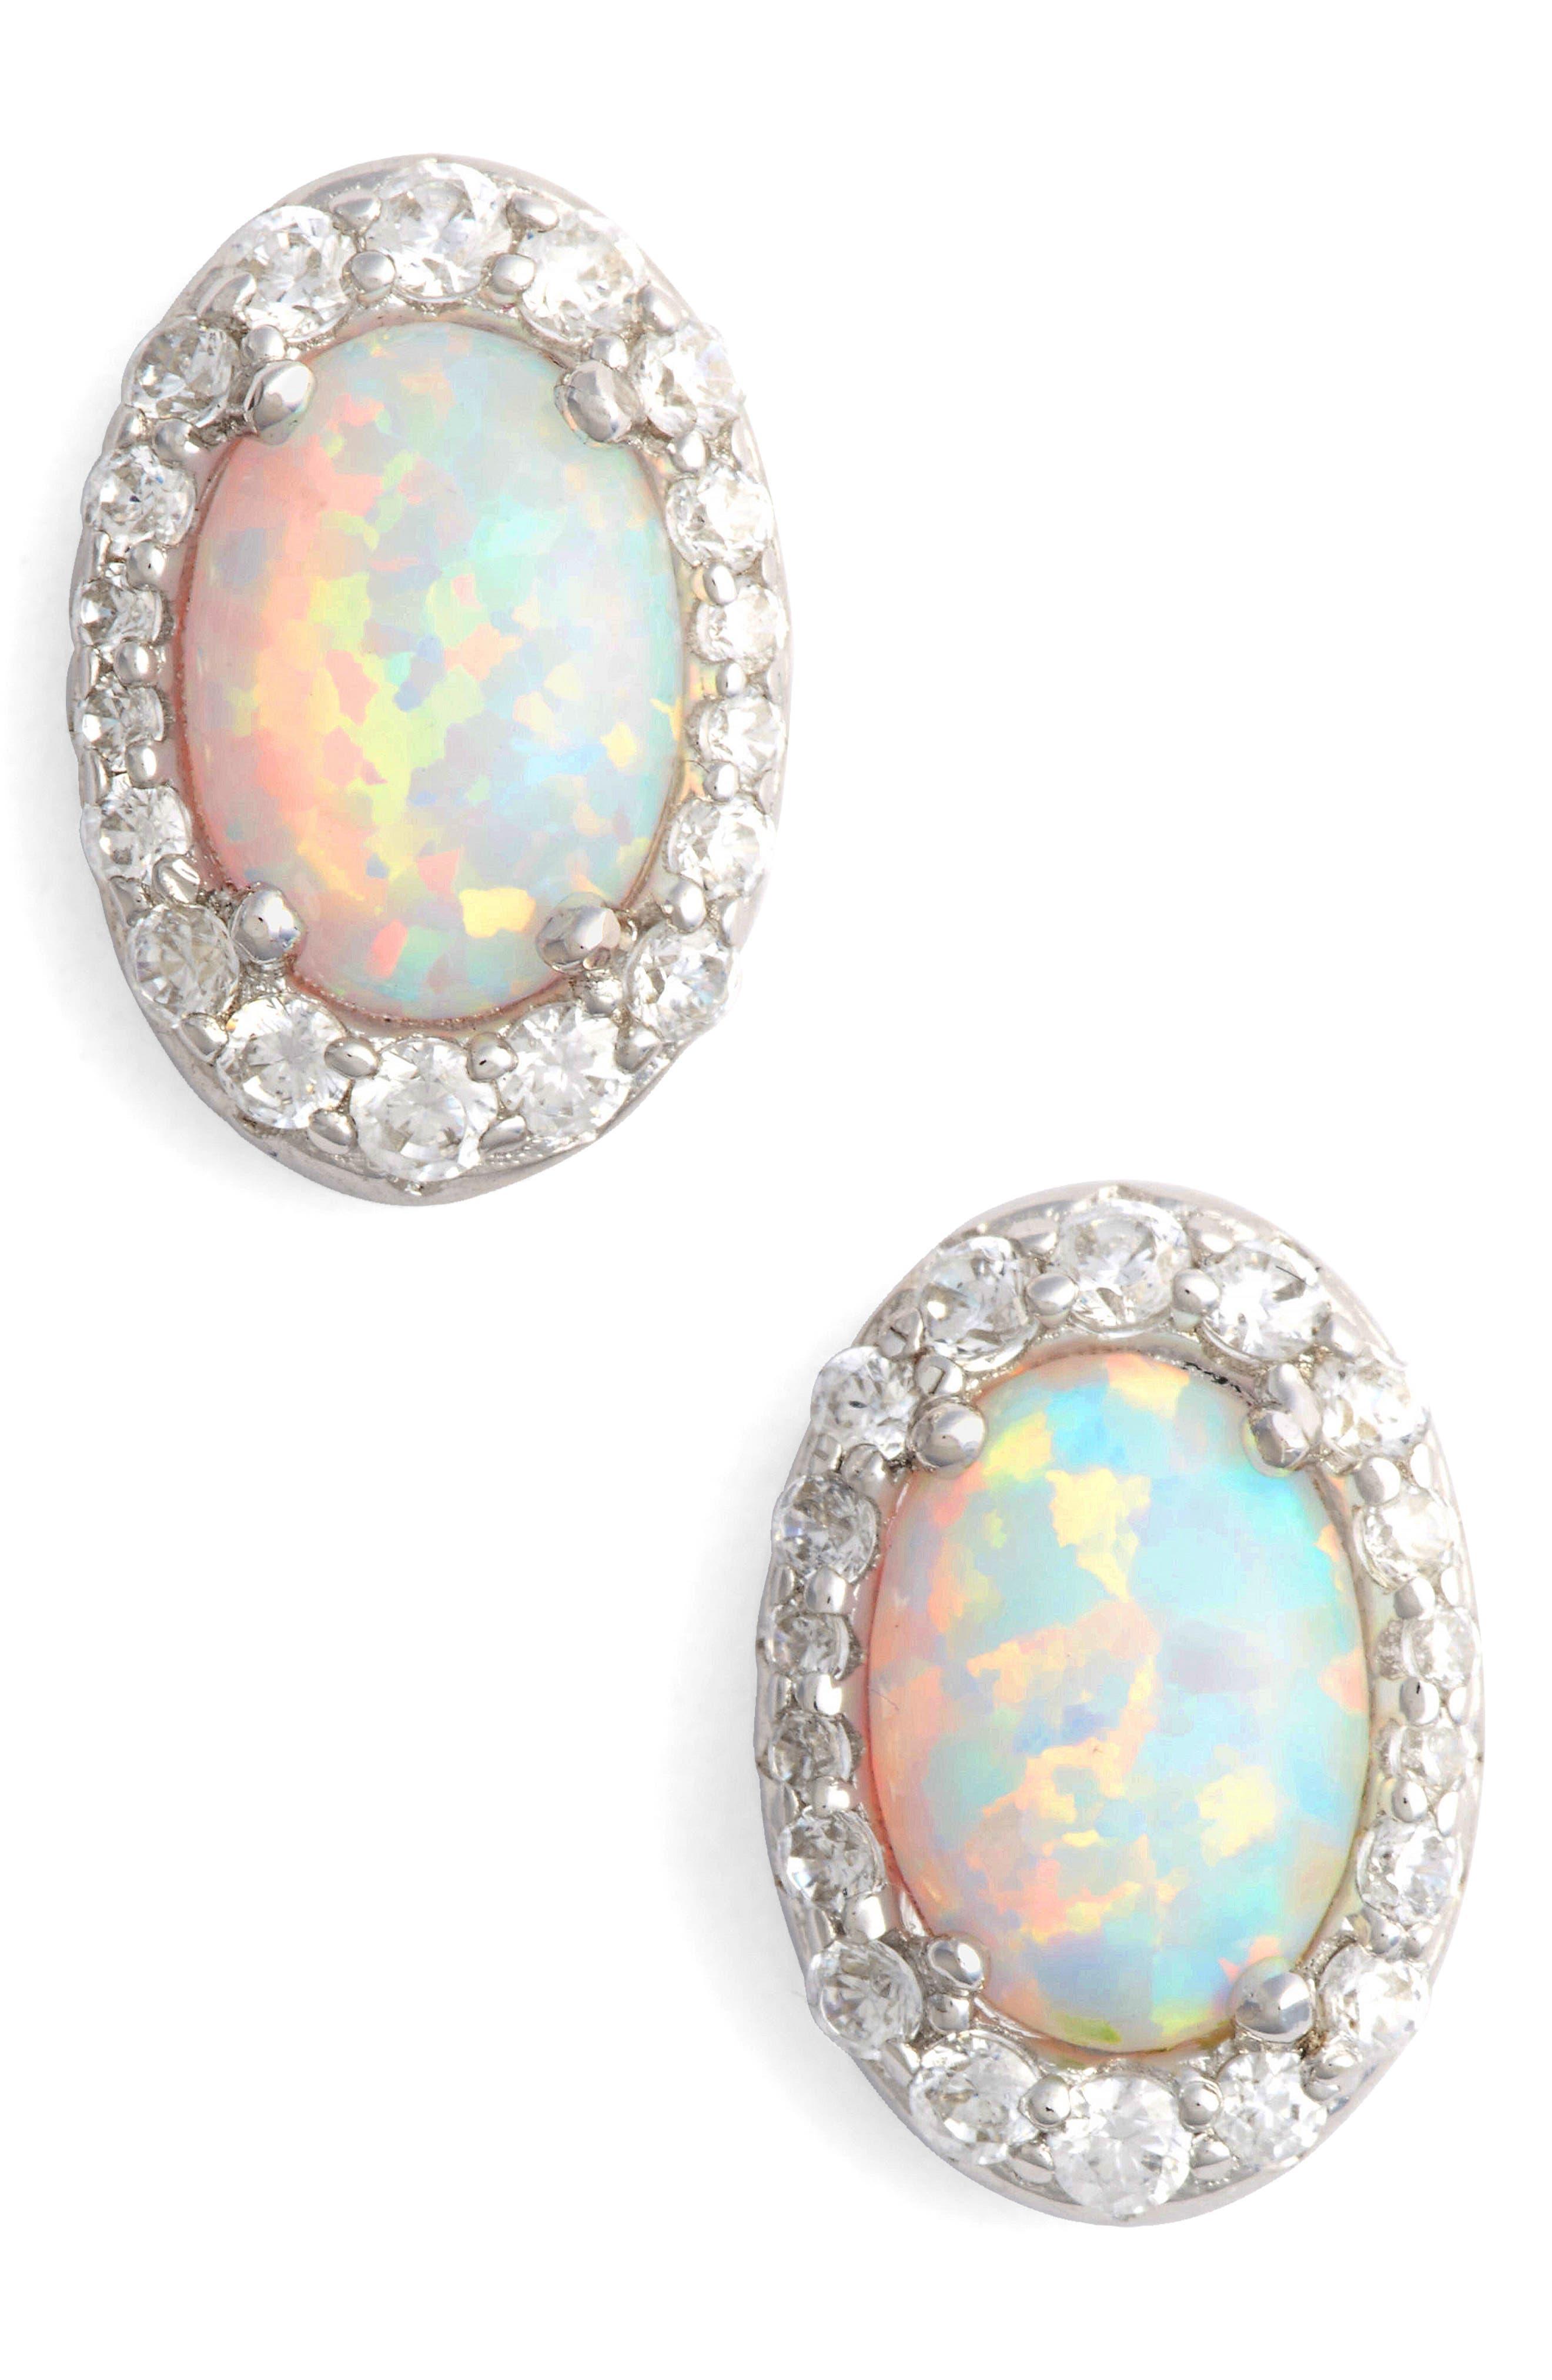 Simulated Opal Halo Stud Earrings,                             Main thumbnail 1, color,                             100